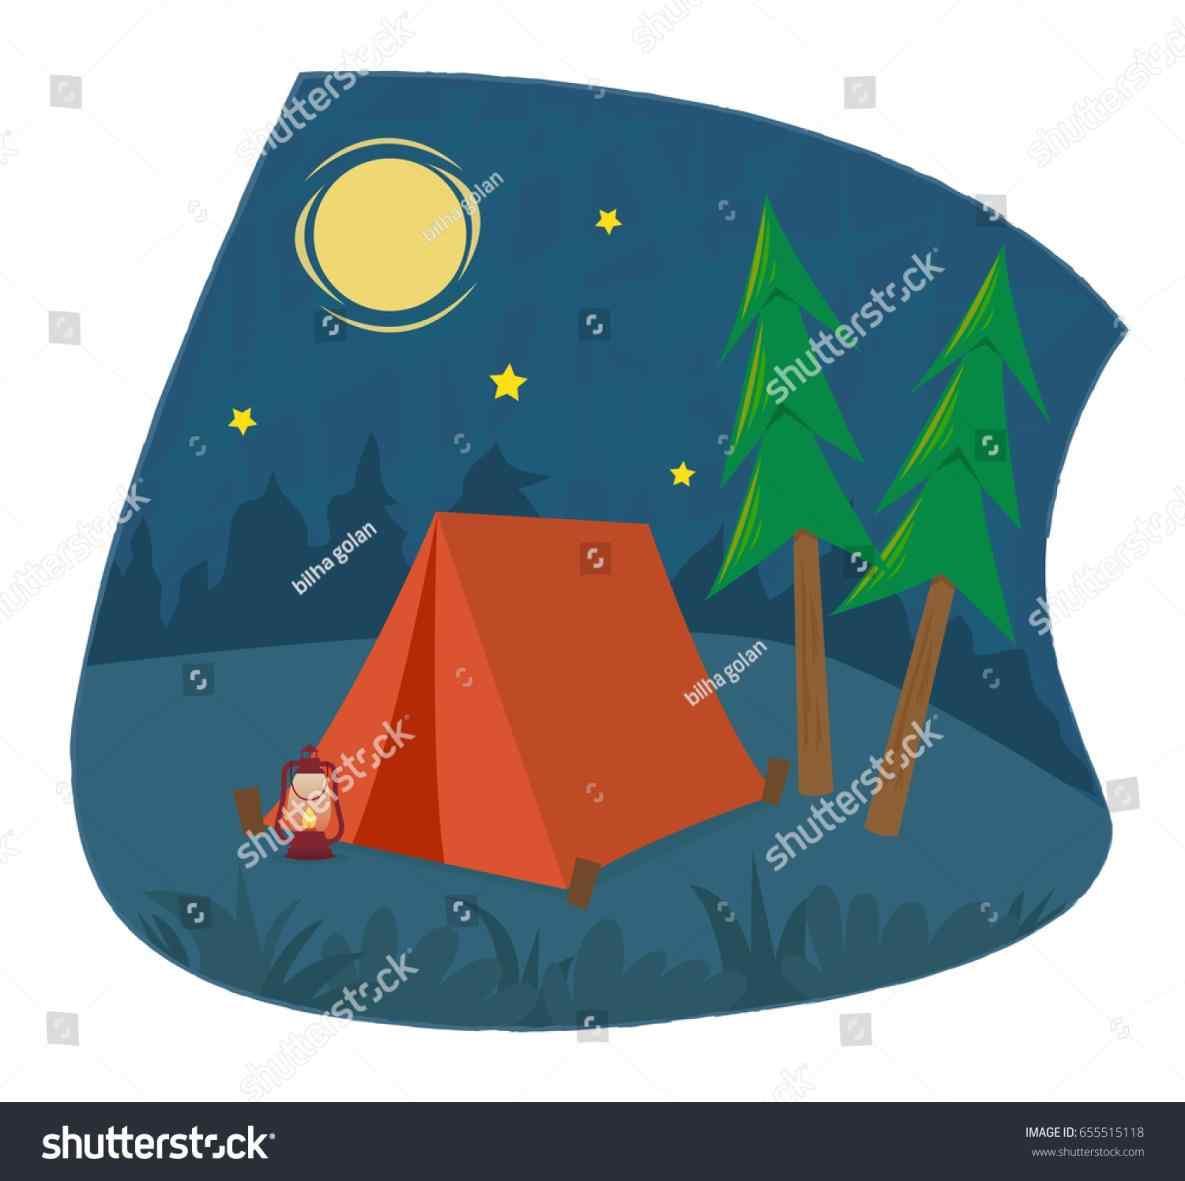 1185x1181 Camping Tents Clip Art